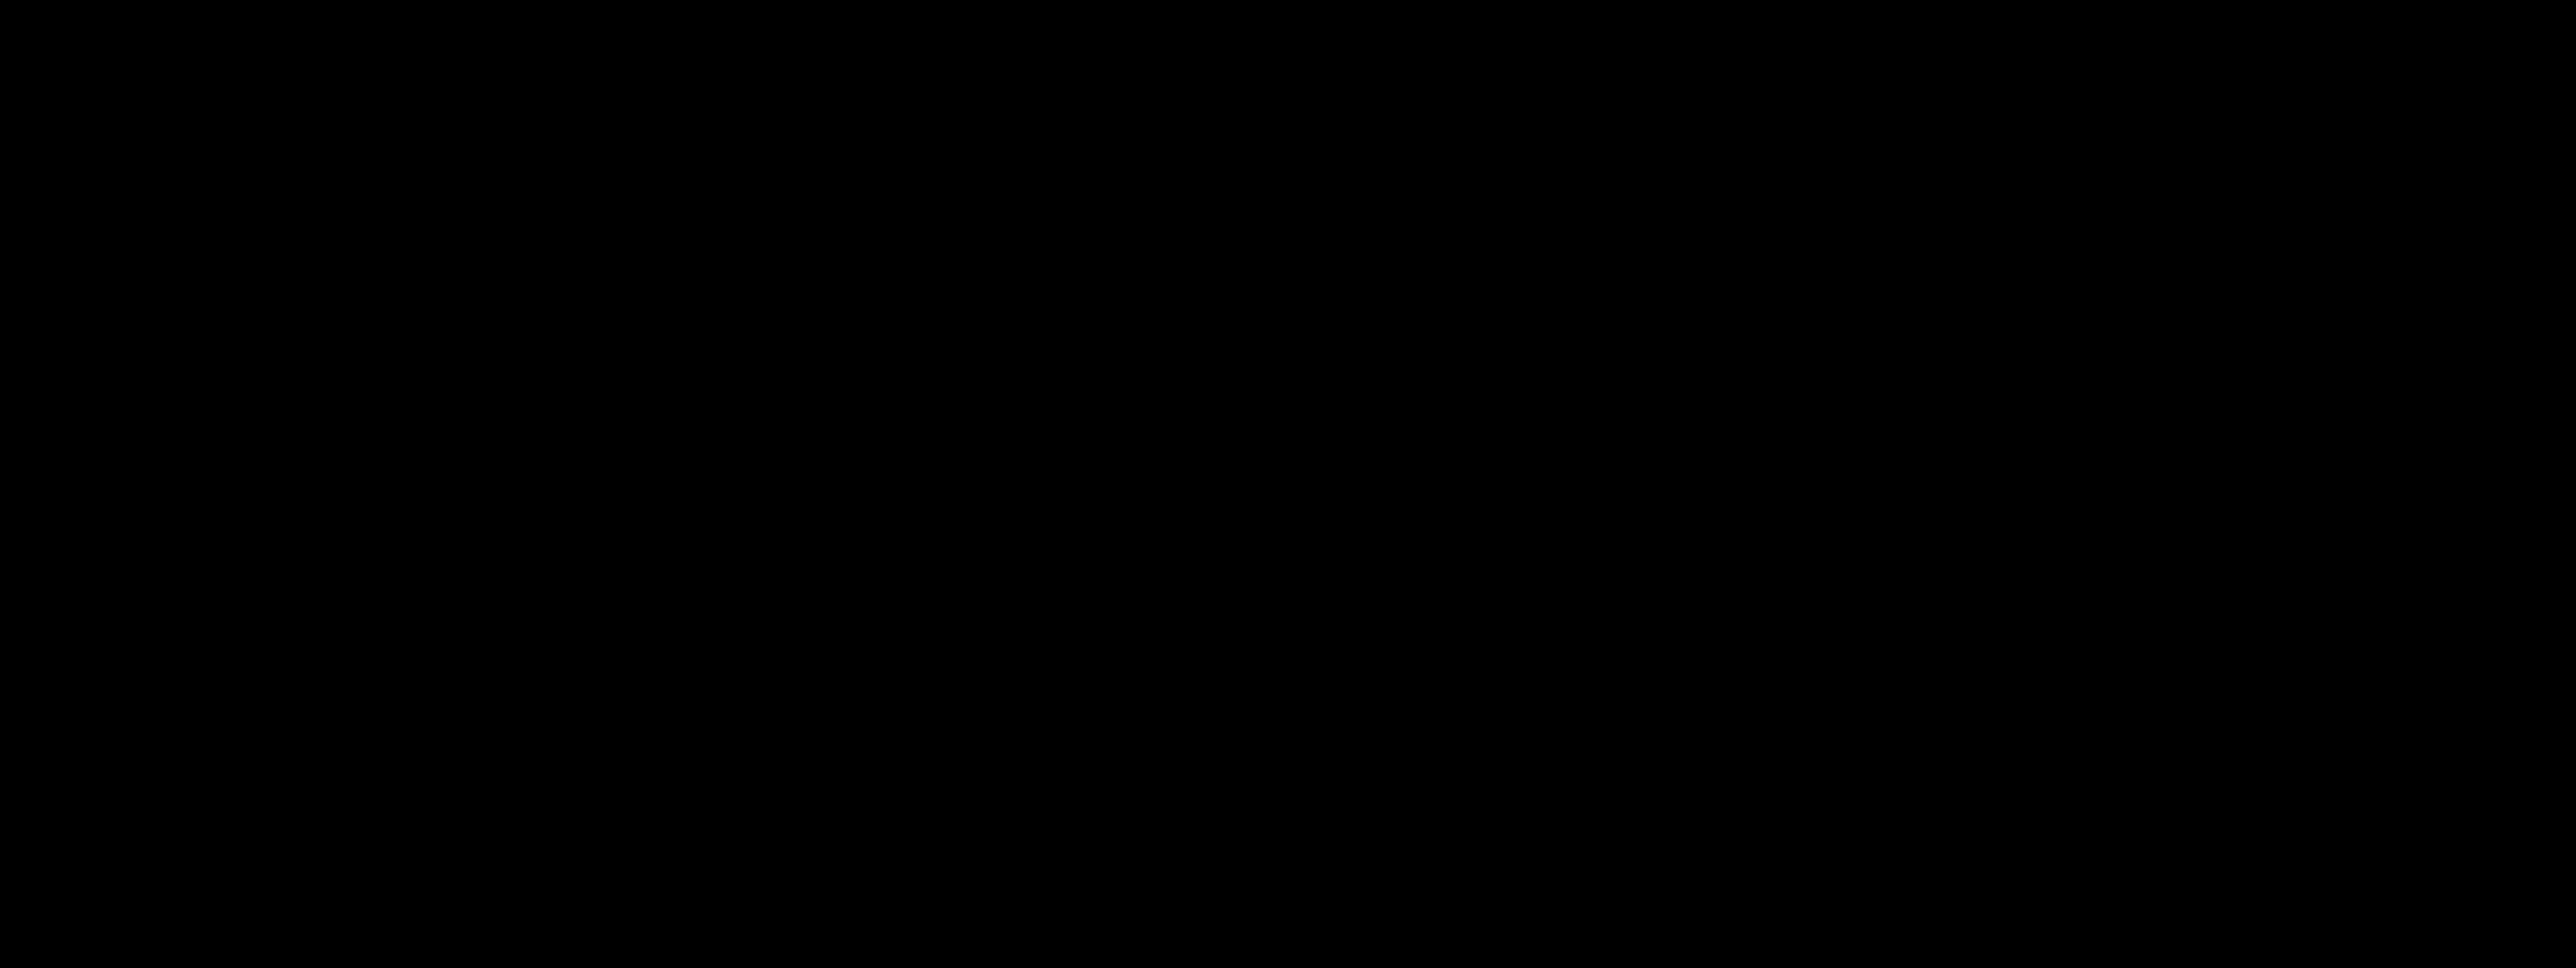 N1-Dansyl-<sup>13</sup>C<sub>2</sub>-spermine-d<sub>8</sub>